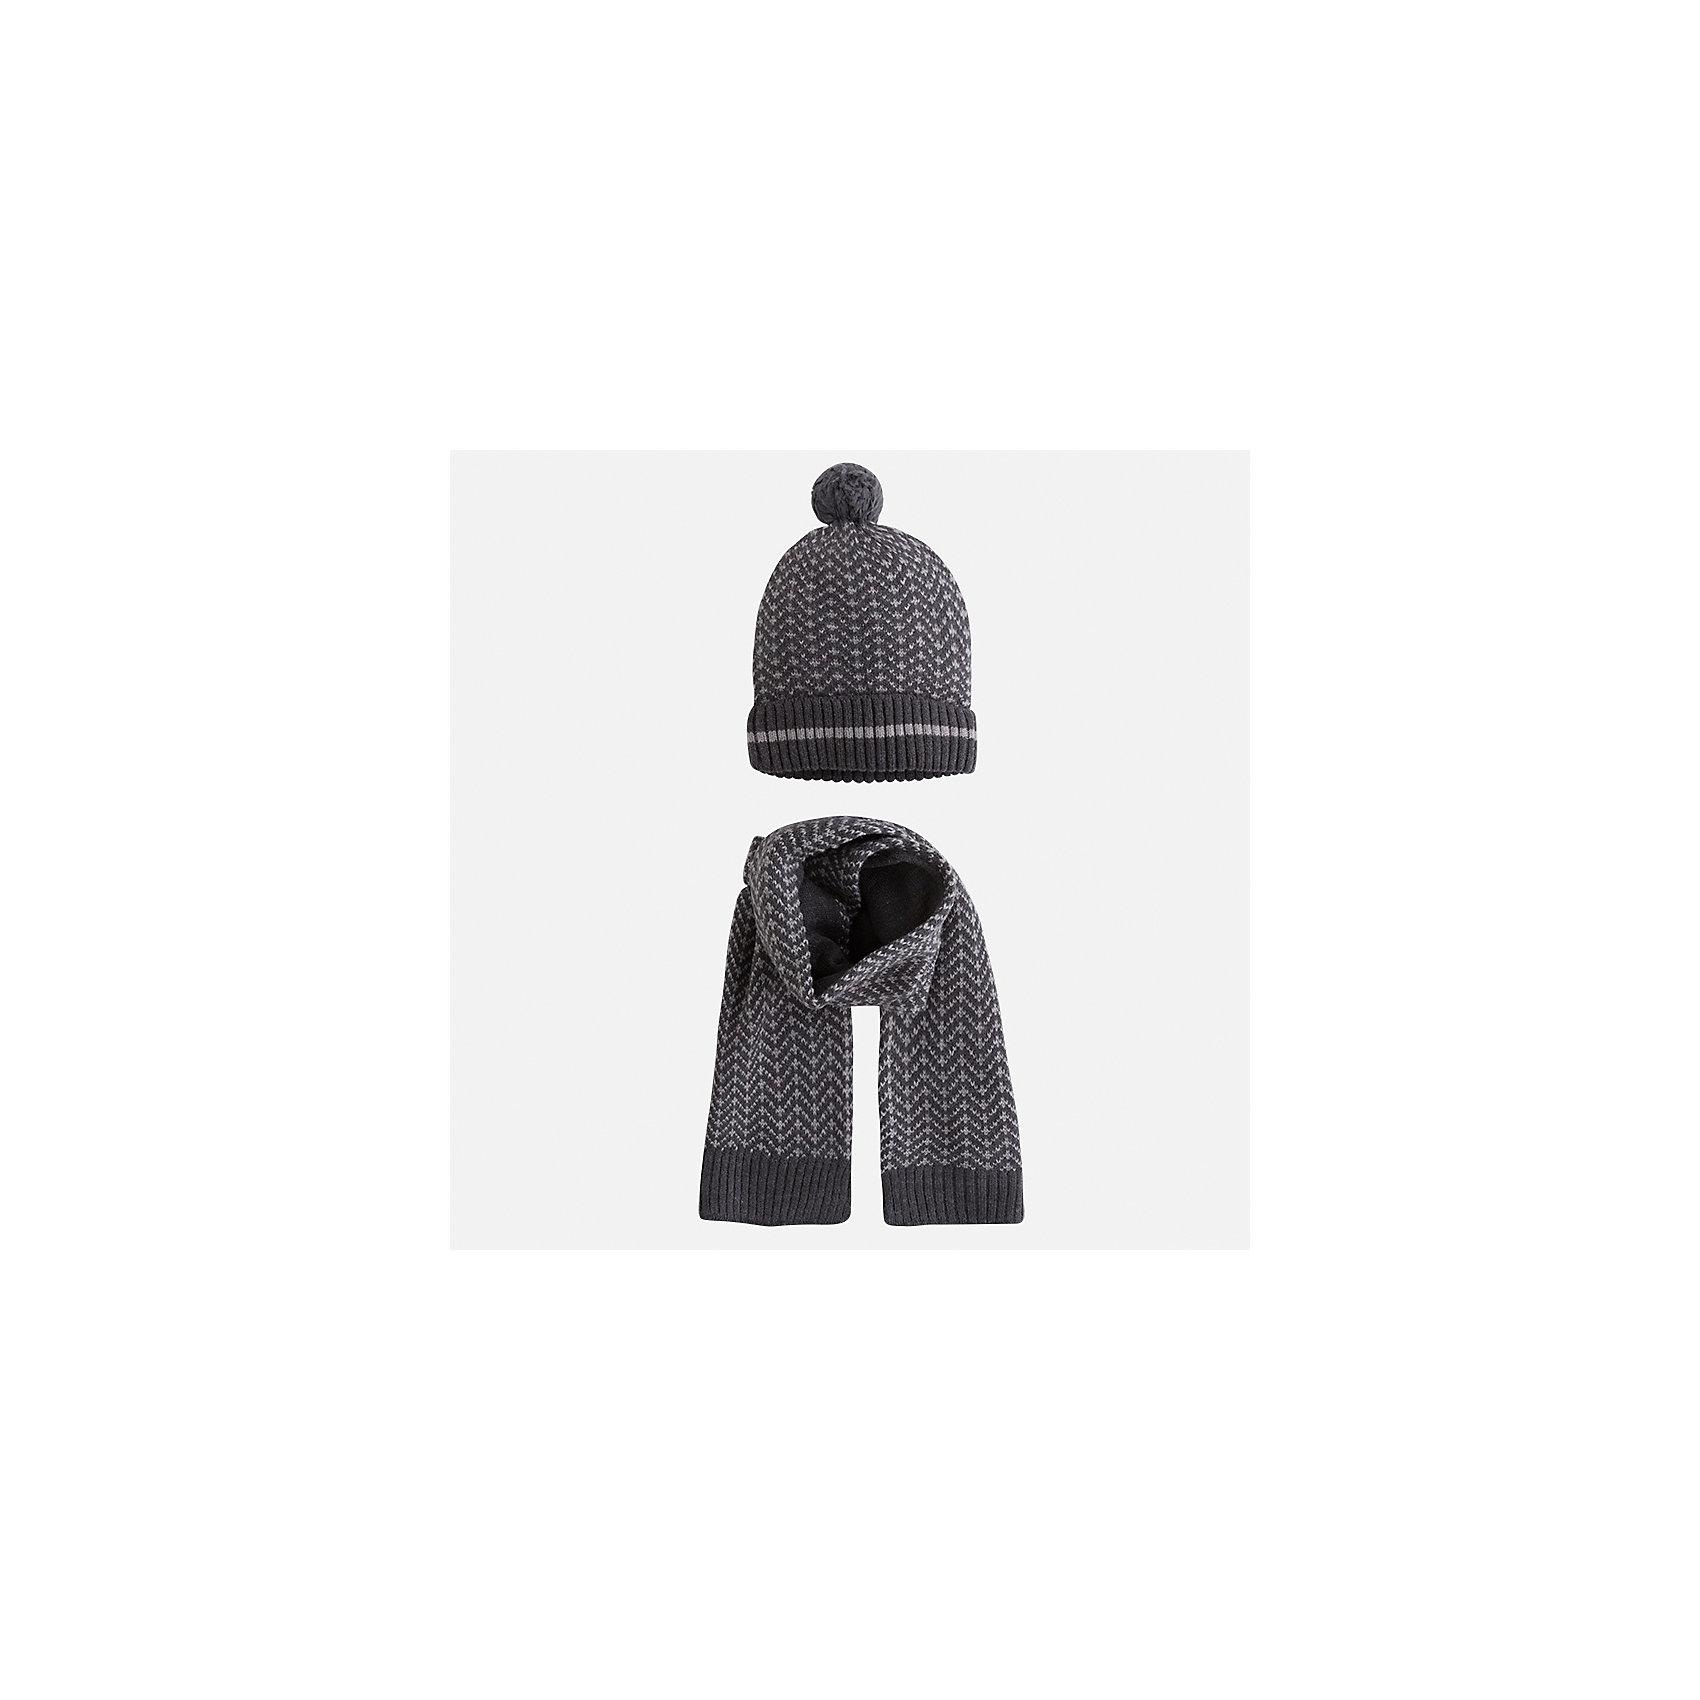 Комплект: шапка и шарф Mayoral для мальчикаШарфы, платки<br>Характеристики товара:<br><br>• цвет: серый<br>• состав ткани: 60% хлопок, 30% полиамид, 10% шерсть<br>• сезон: демисезон<br>• комплектация: шапка, шарф<br>• страна бренда: Испания<br>• страна изготовитель: Индия<br><br>Демисезонные шапка и шарф для мальчика от популярного бренда Mayoral помогут дополнить наряд и обеспечить комфорт в прохладную погоду. Для производства таких демисезонных комплектов популярный бренд Mayoral используют только качественную фурнитуру и материалы. Оригинальные и модные шапка и шарф от Майорал привлекут внимание и понравятся детям. Детский комплект из шарфа и шапки смотрится аккуратно и стильно. <br><br>Комплект: шапка и шарф для мальчика Mayoral (Майорал) можно купить в нашем интернет-магазине.<br><br>Ширина мм: 89<br>Глубина мм: 117<br>Высота мм: 44<br>Вес г: 155<br>Цвет: серый<br>Возраст от месяцев: 72<br>Возраст до месяцев: 84<br>Пол: Мужской<br>Возраст: Детский<br>Размер: 54,50,52<br>SKU: 6939252